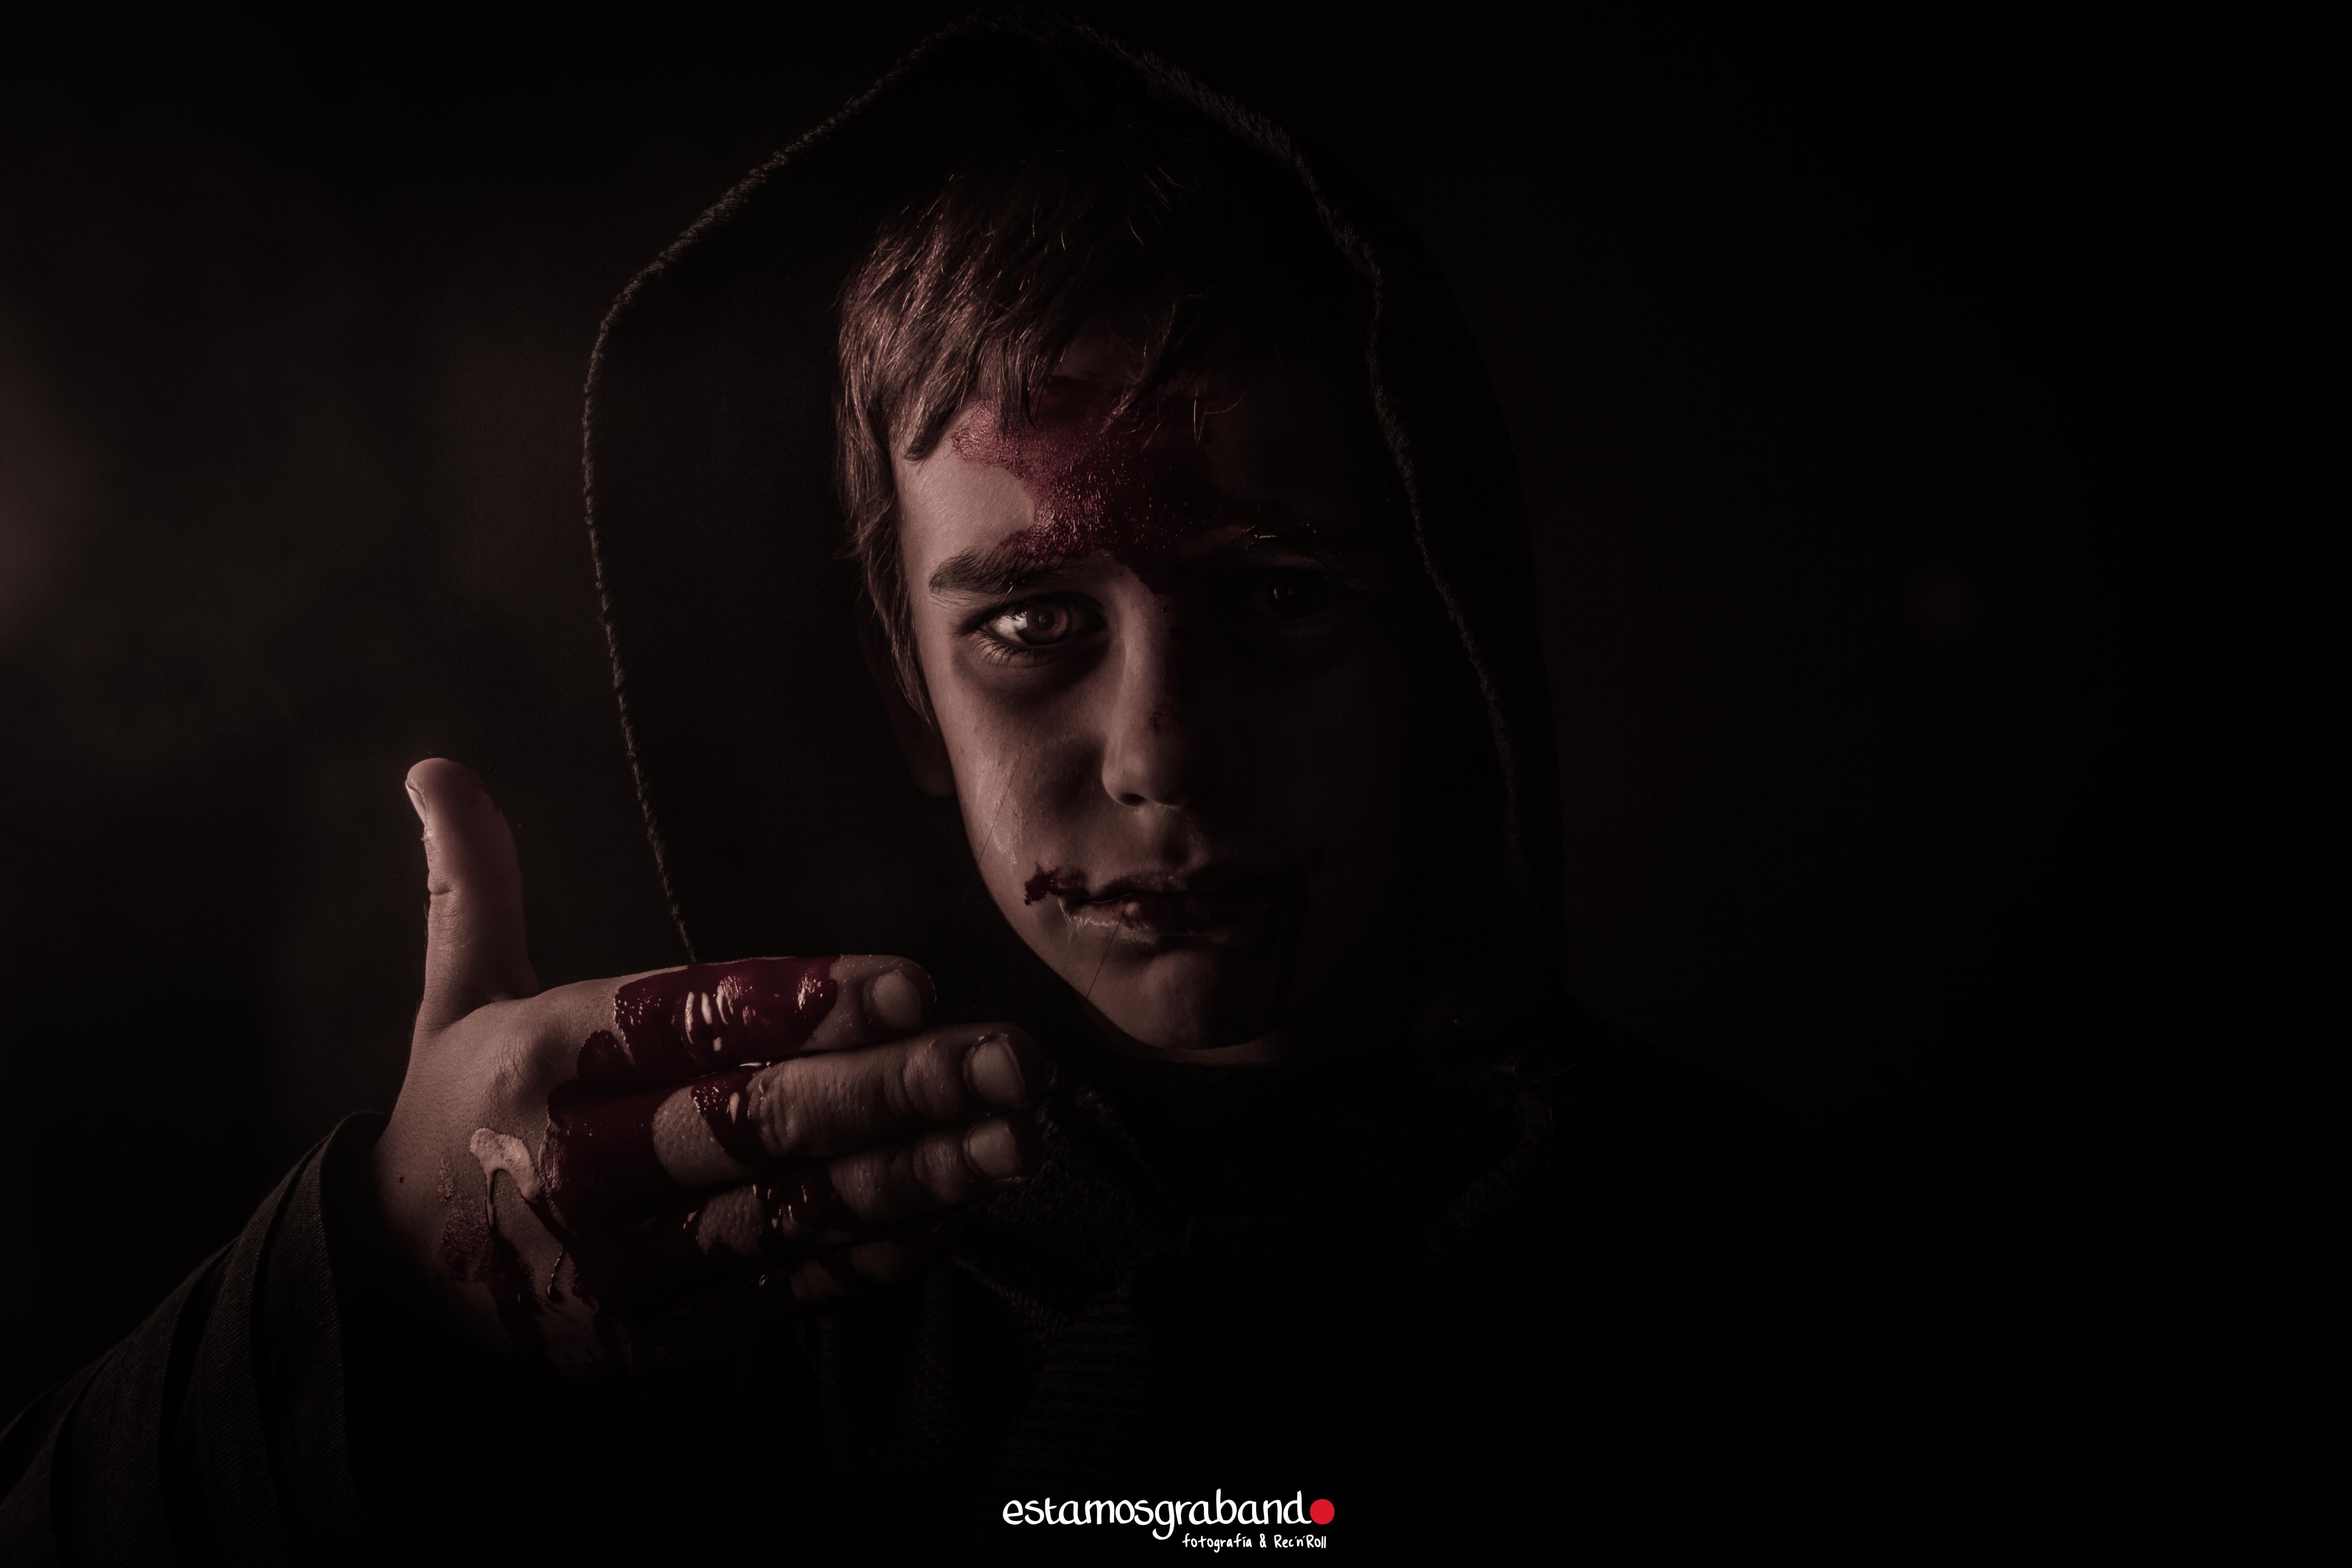 Halloween_estamosgrabando-35 Sesiones Terroríficas Volumen I_Fotografía Halloween - video boda cadiz